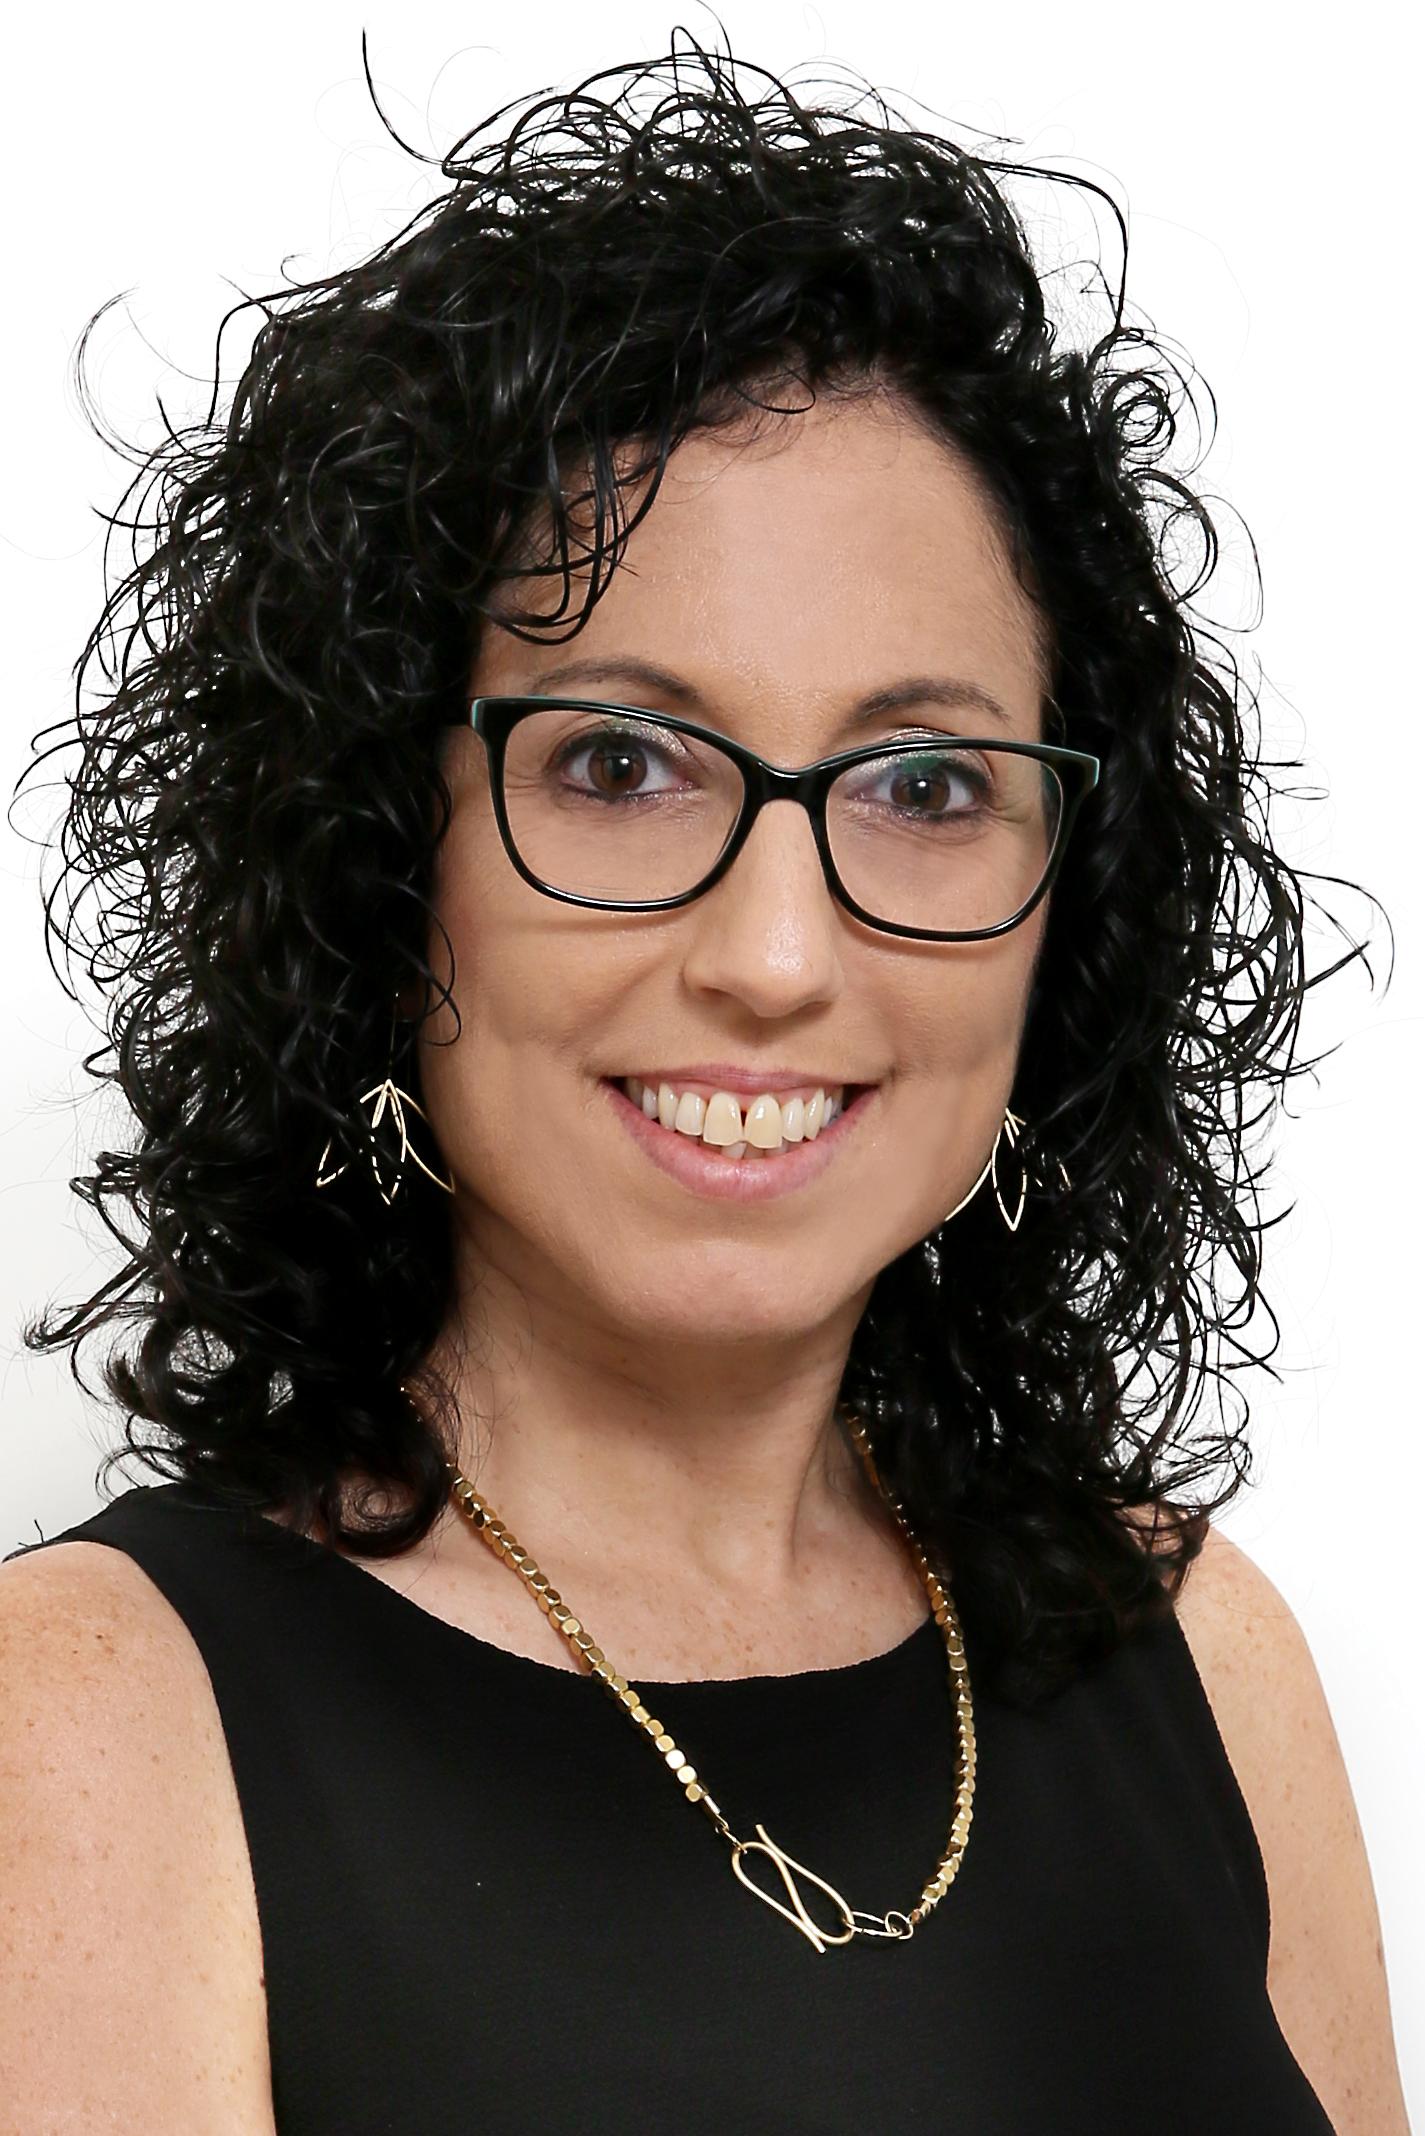 דוקטור רוית יחיאלי-כהן - תמונת פרופיל